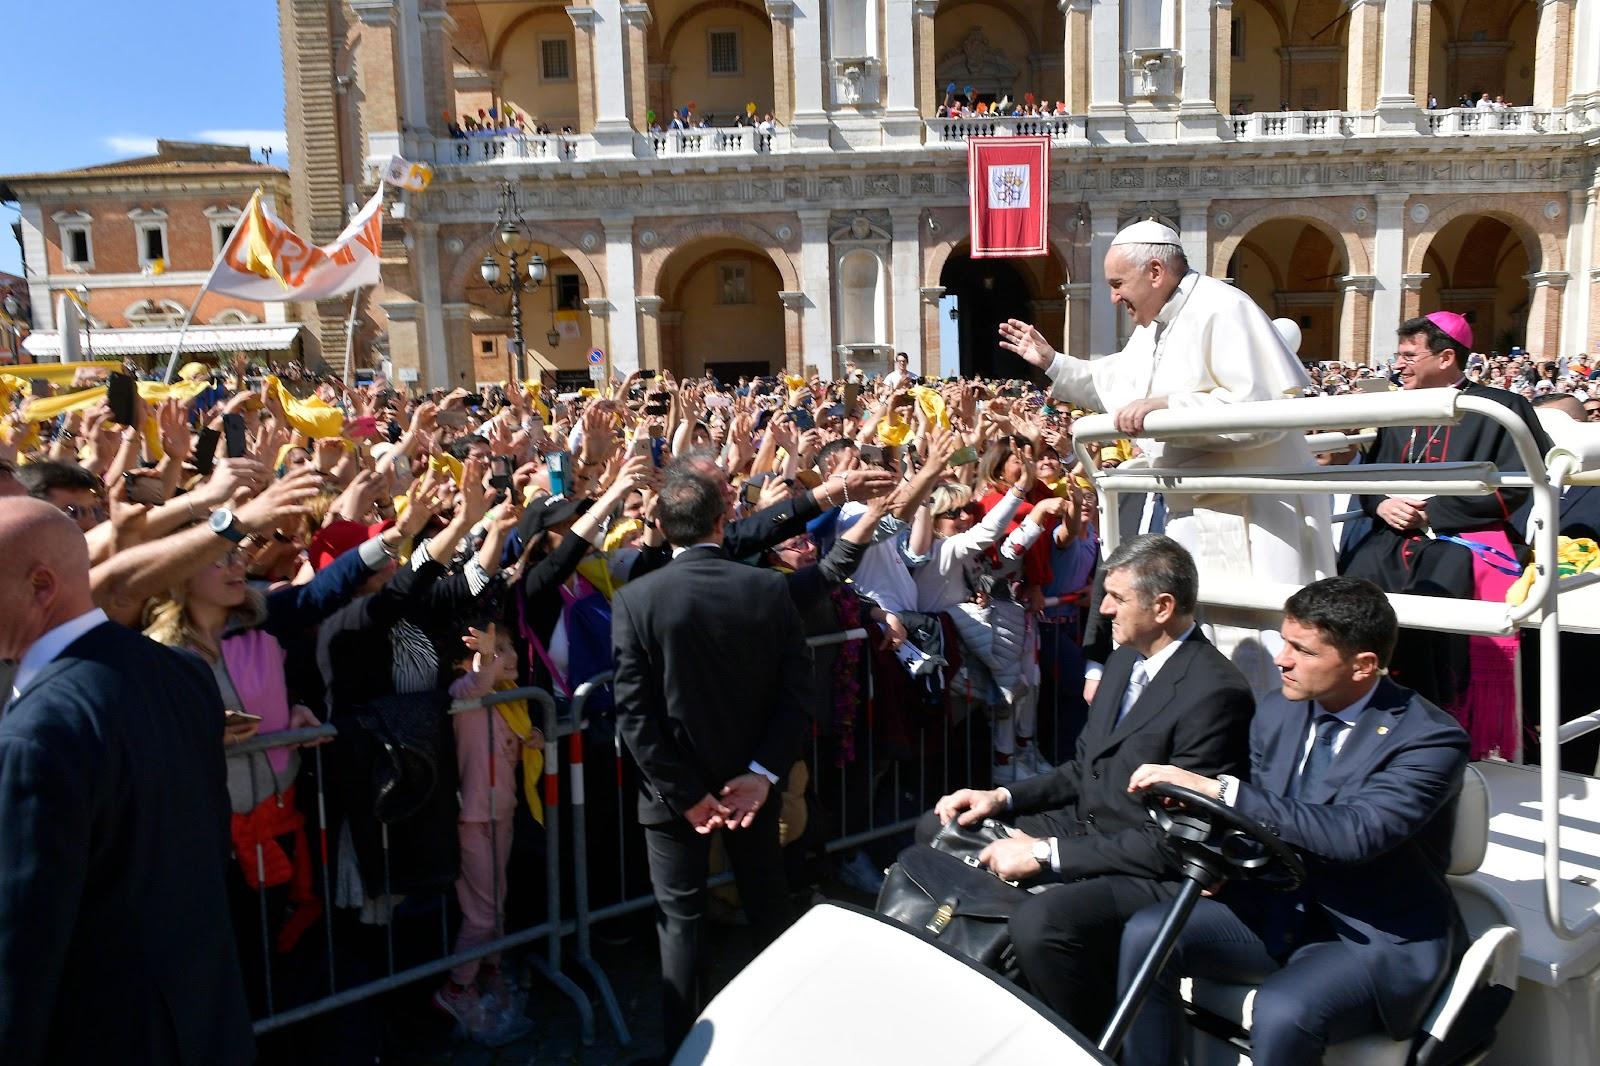 Toàn văn huấn từ của Đức Thánh Cha cho các tín hữu tại Loreto nhân Lễ Truyền Tin